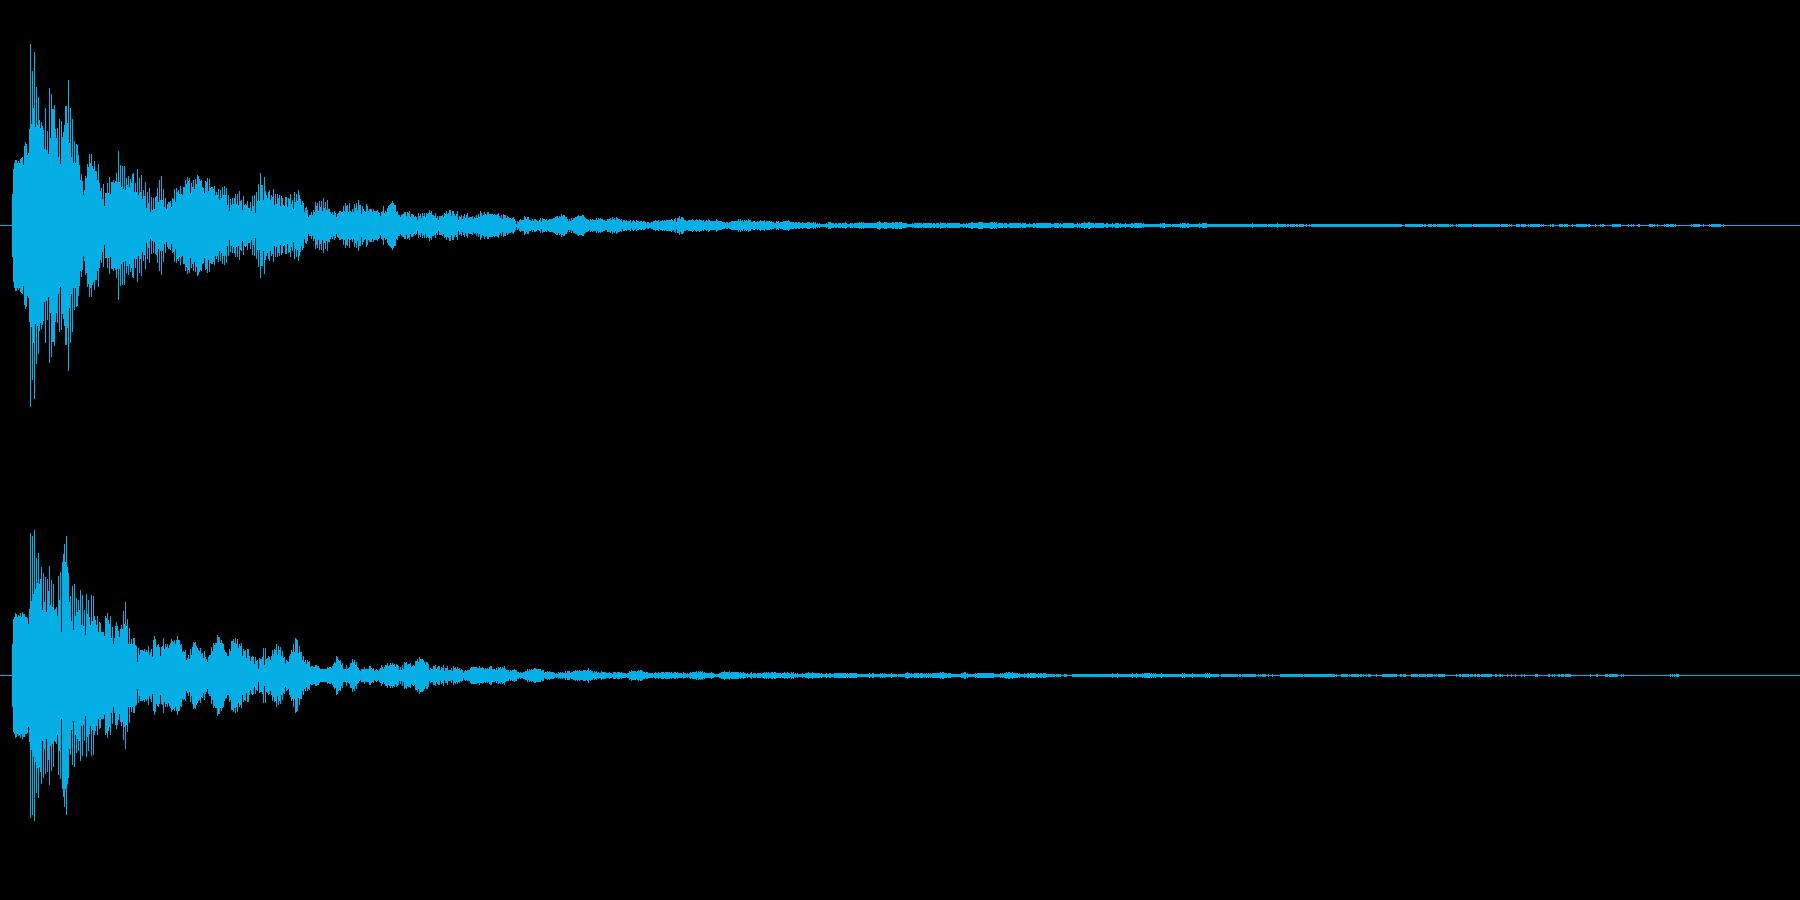 ジャーン テロップ・決定音・タッチ音の再生済みの波形